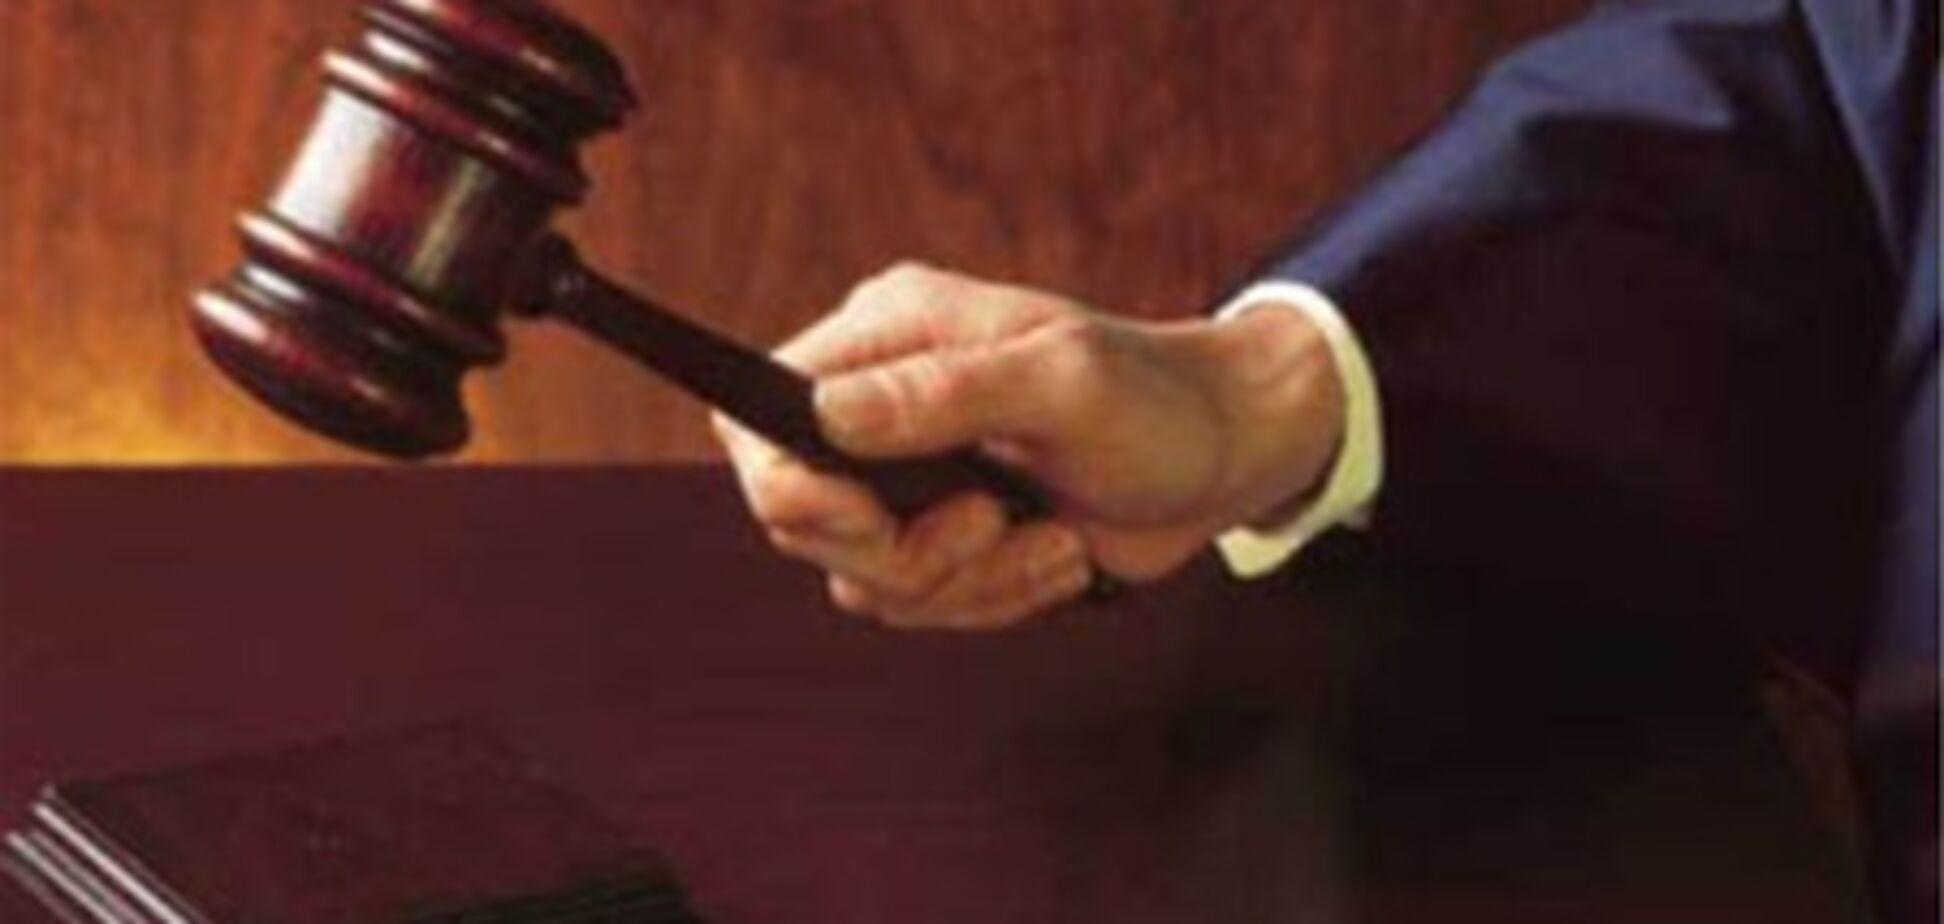 В Симферополе суд взял под стражу двух парней за изнасилование девушки